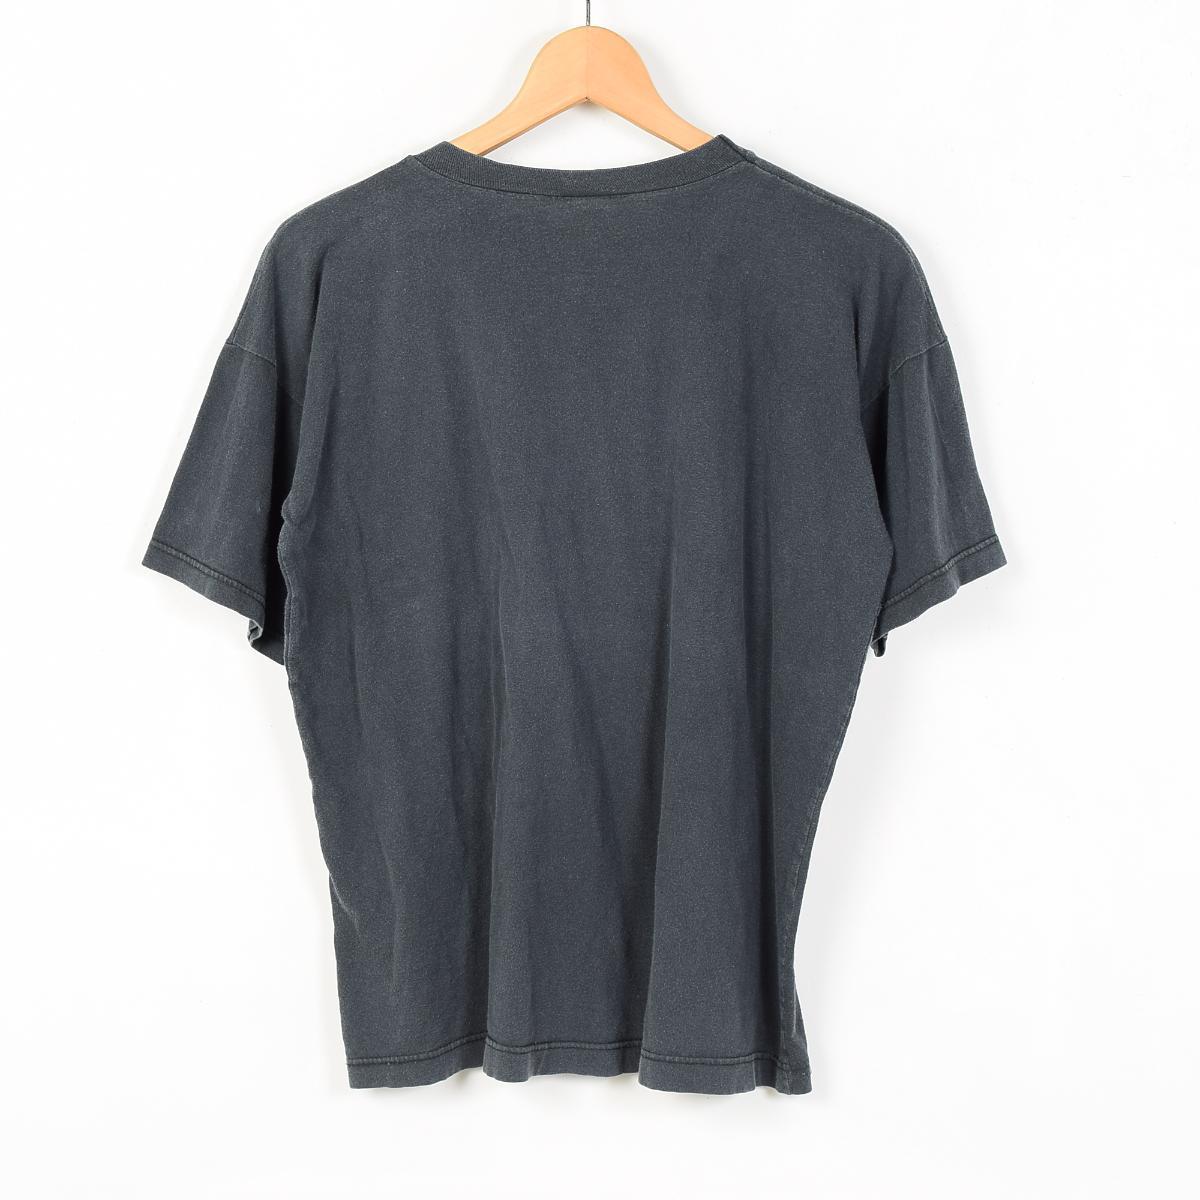 铁娘子铁娘子乐队 T 恤男装 M 老式 MAIANAPOE /wet5599 80